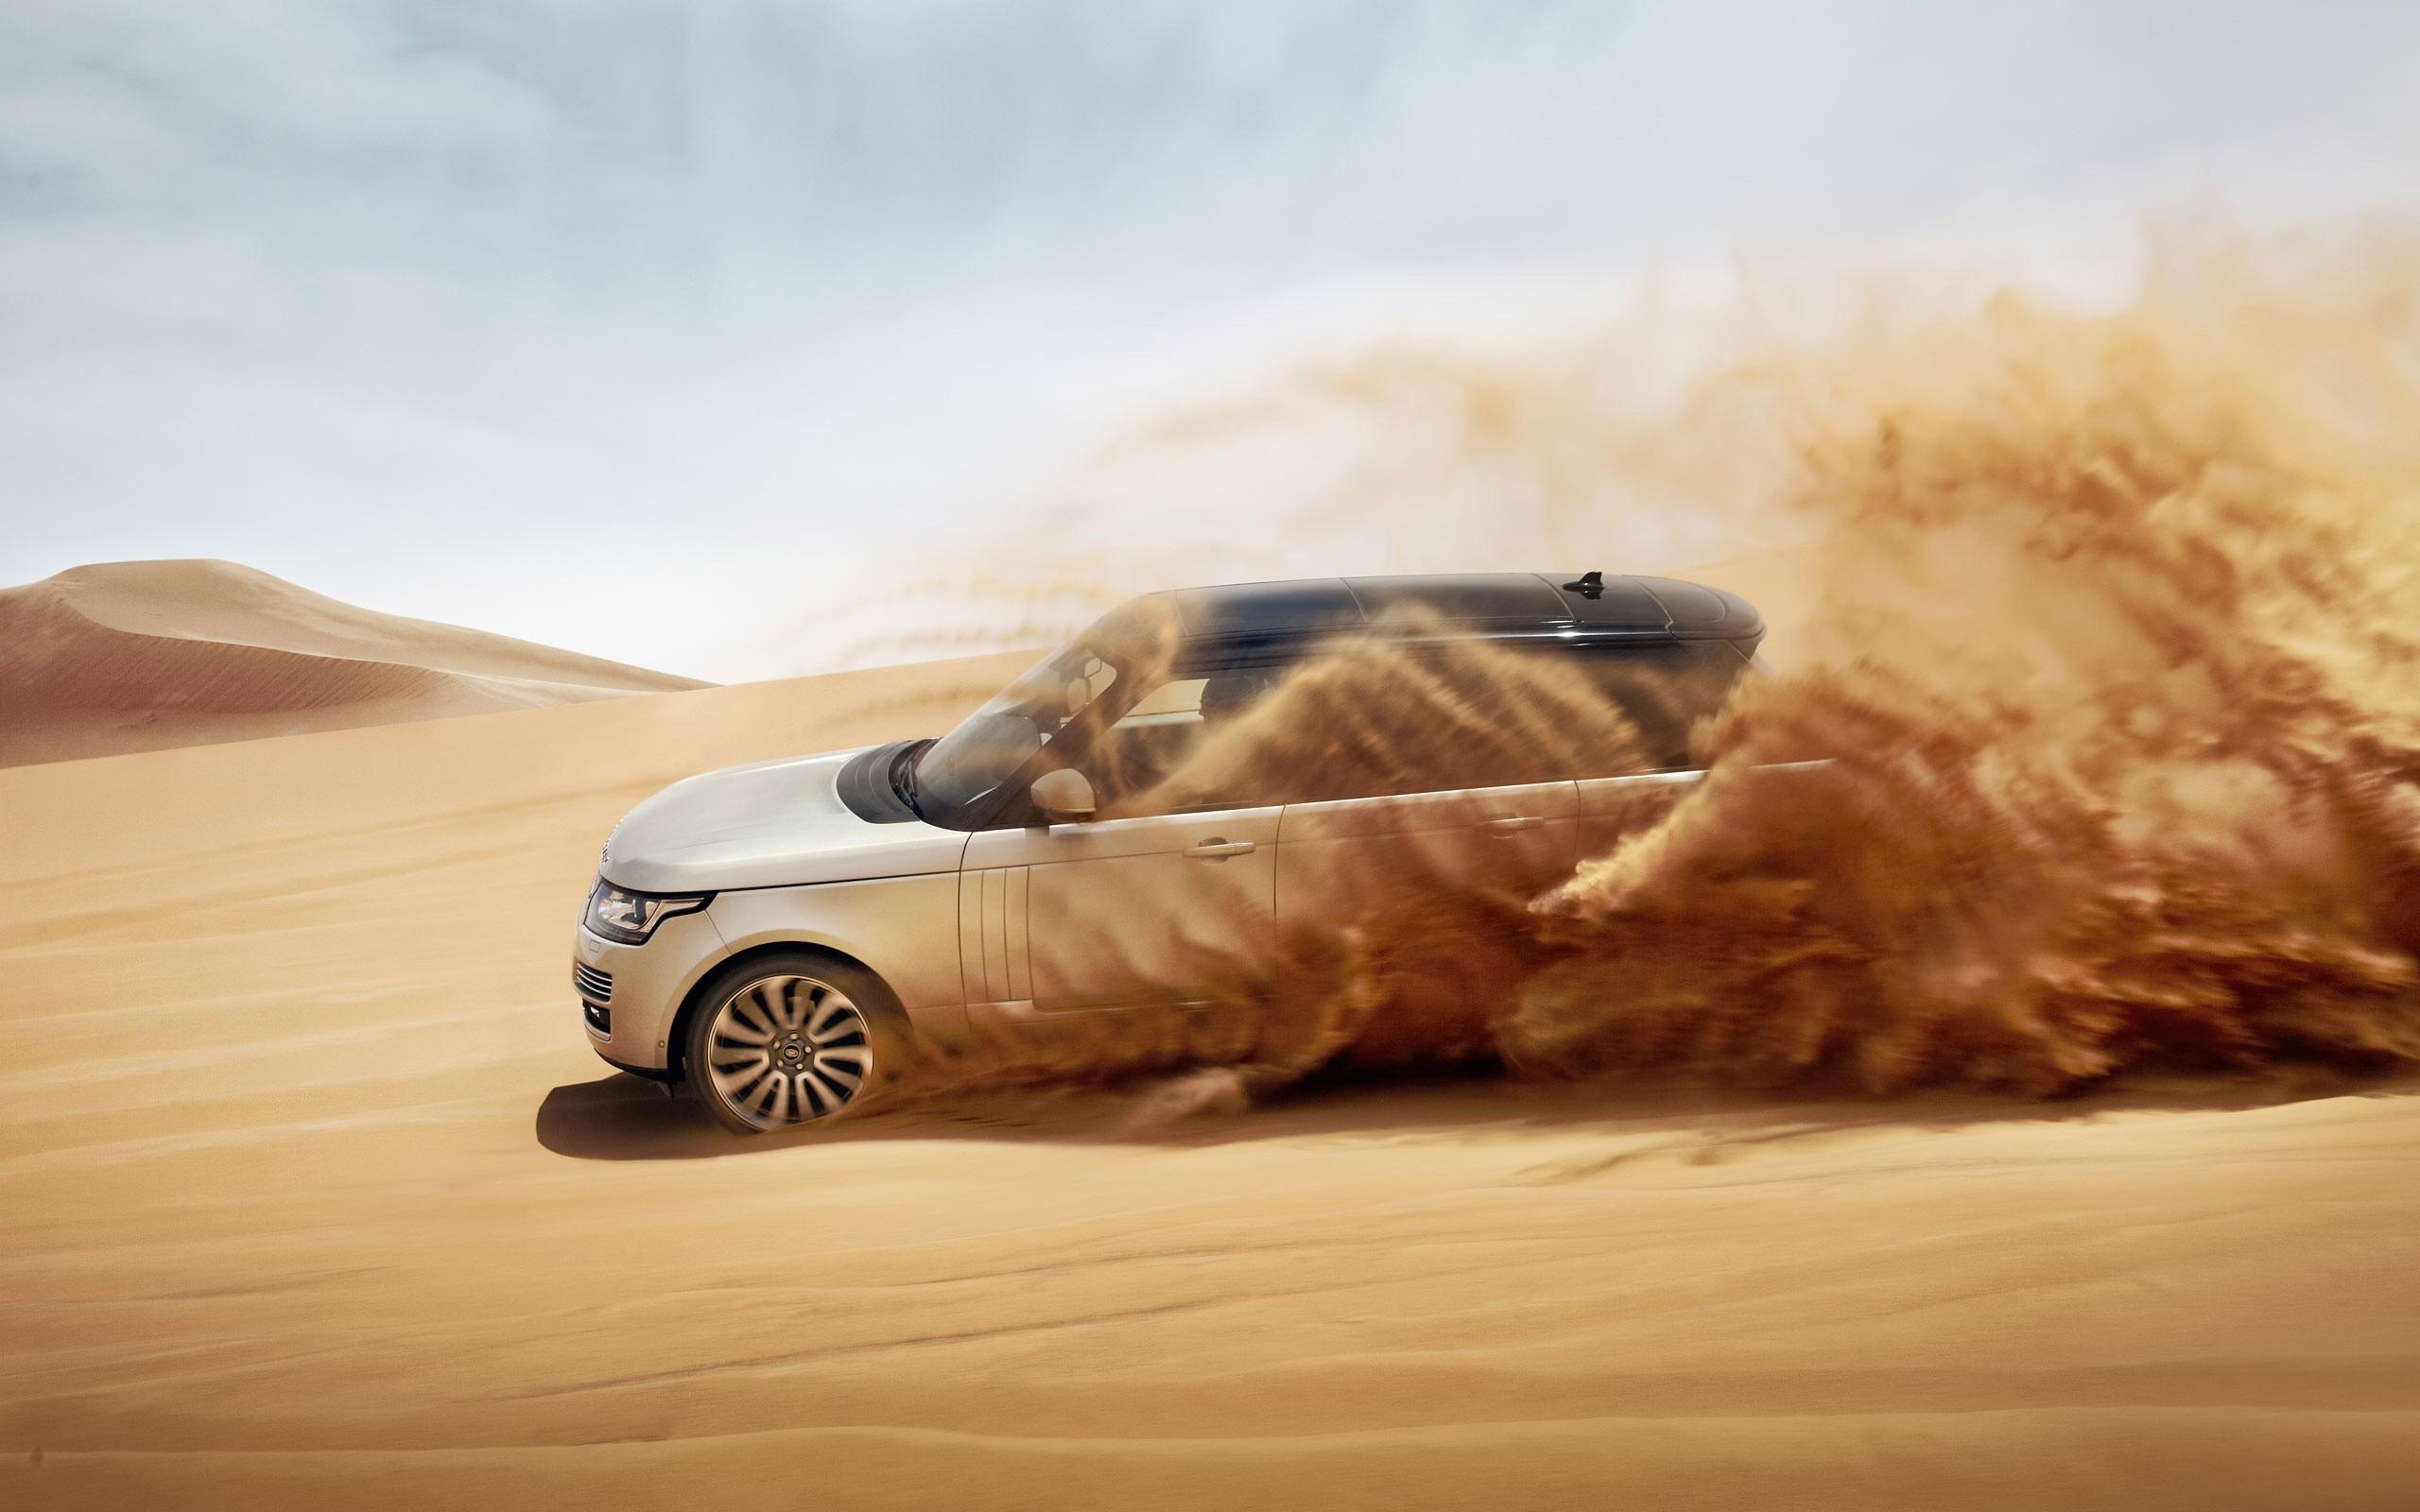 Pagani Car Wallpaper 2013 Land Rover Range Rover 4 Wallpaper Hd Car